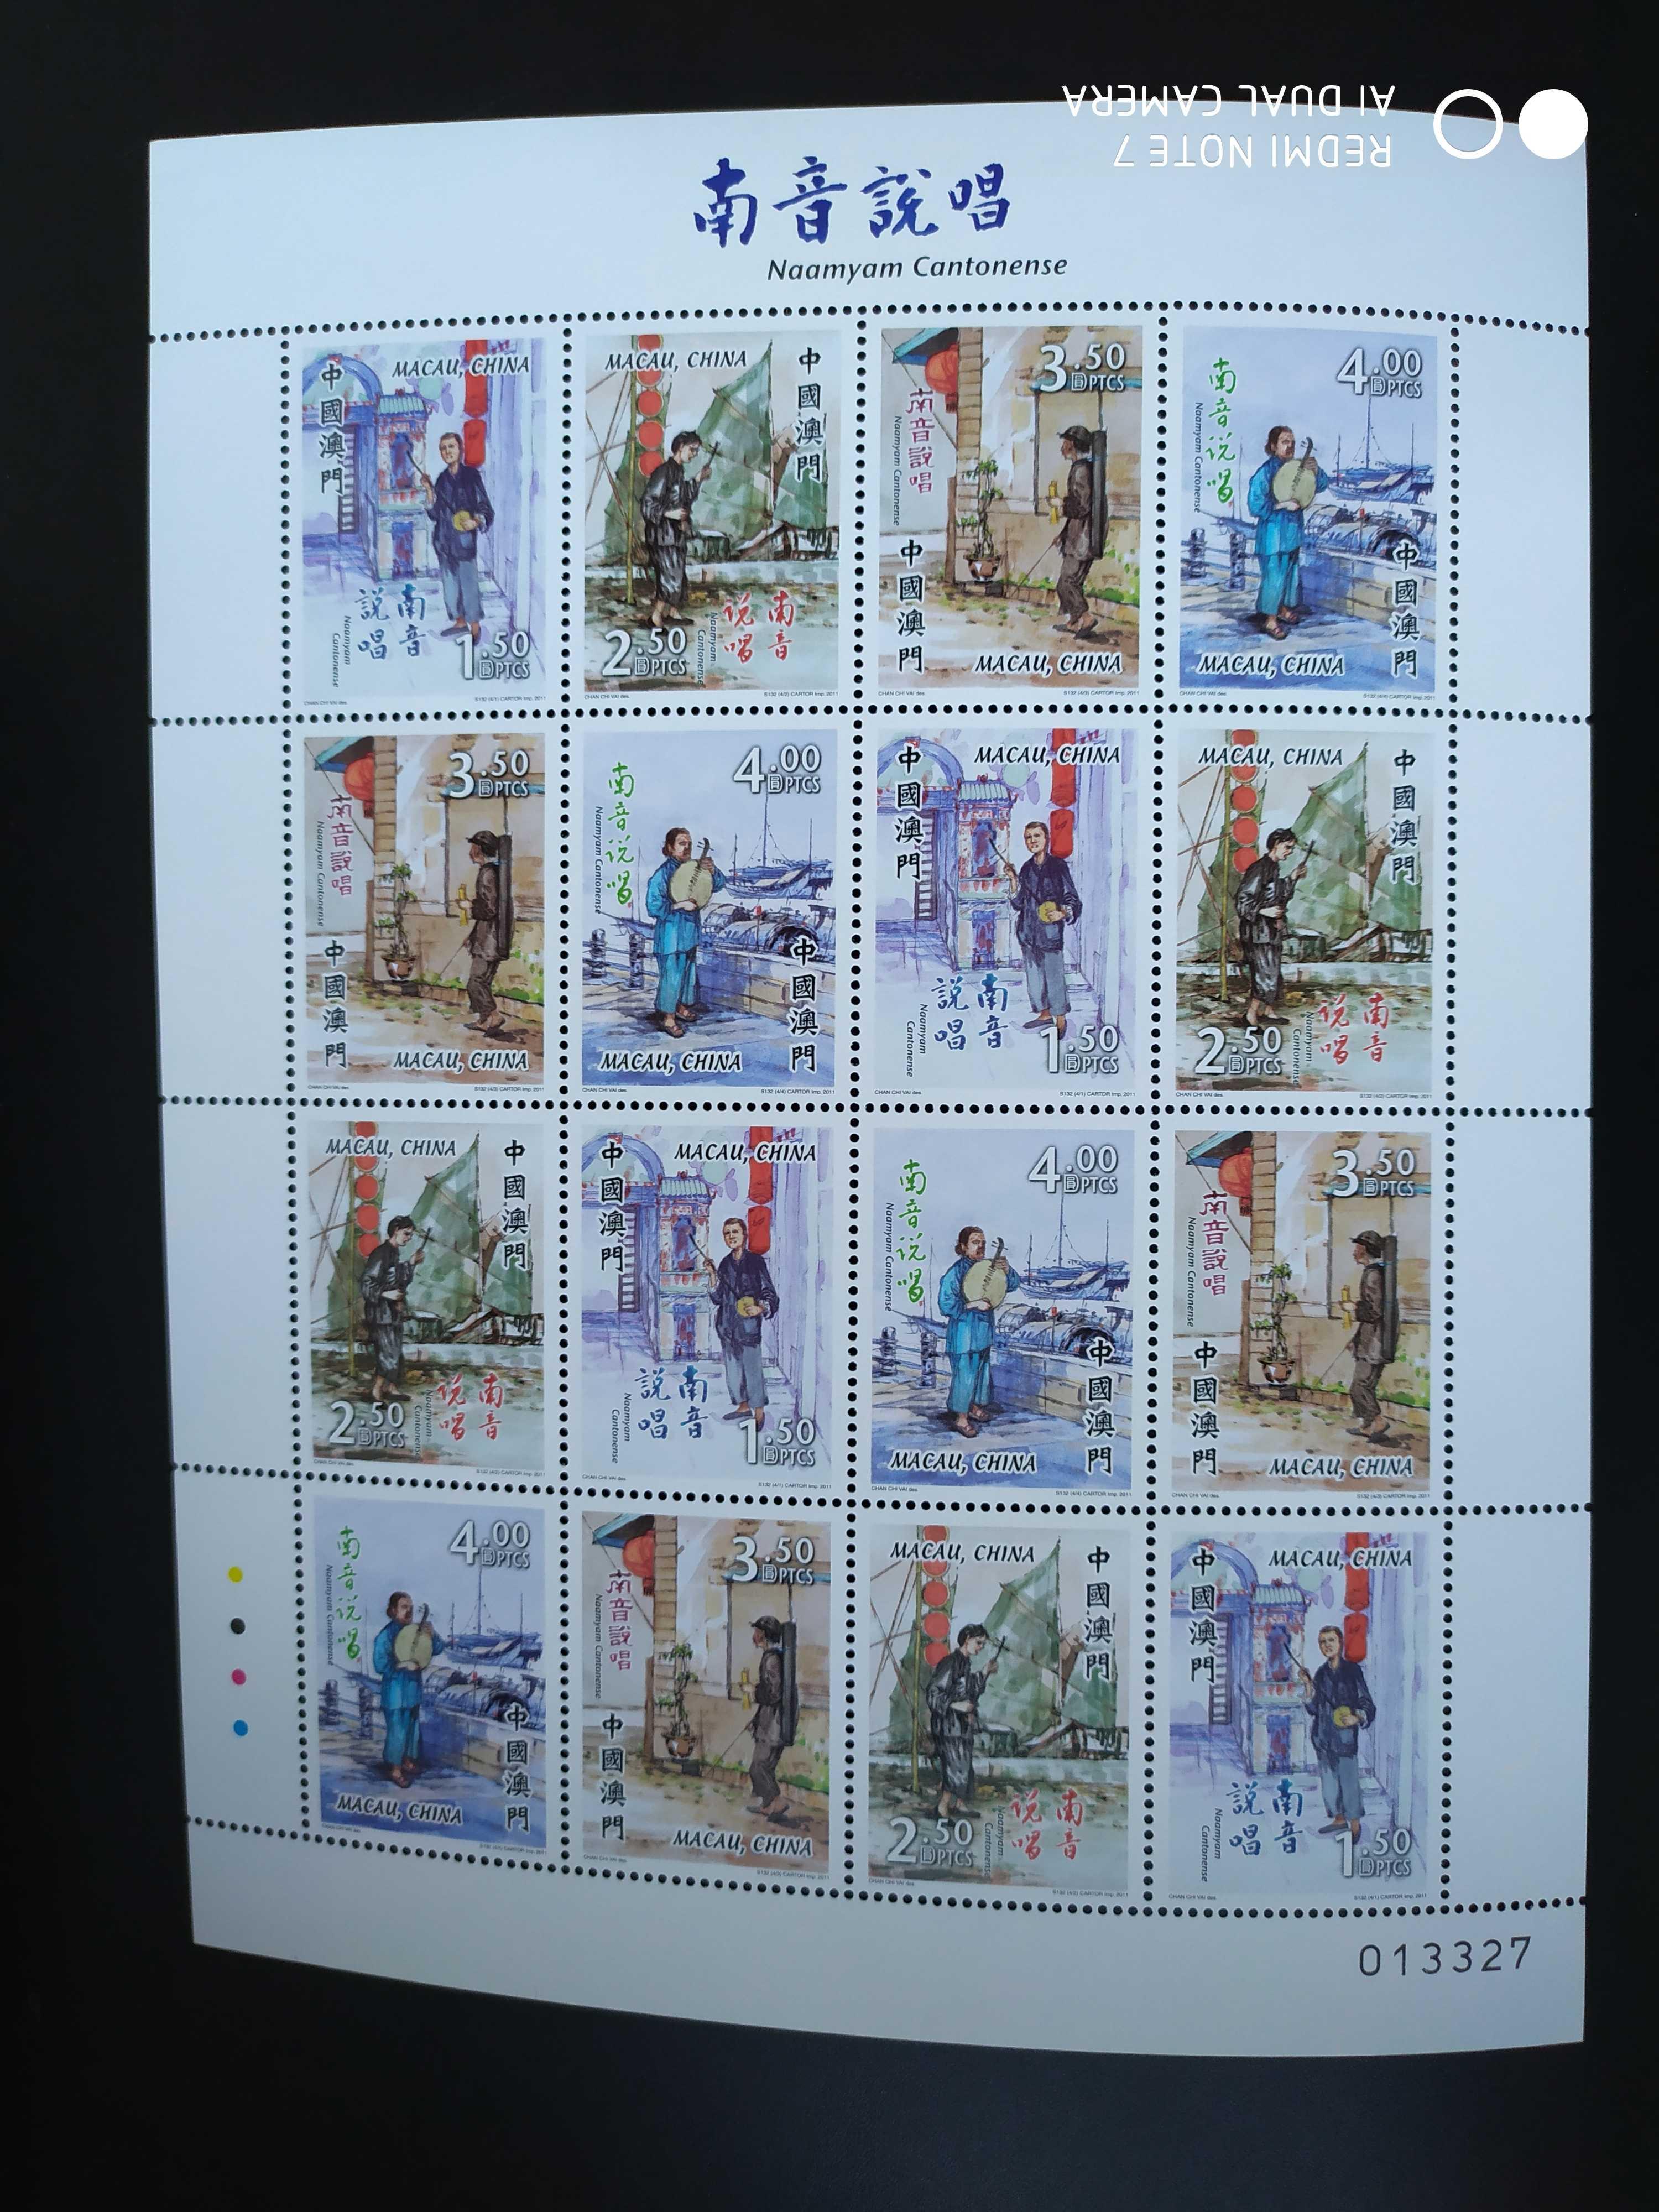 澳门2011年南音说唱邮票小版张1全新